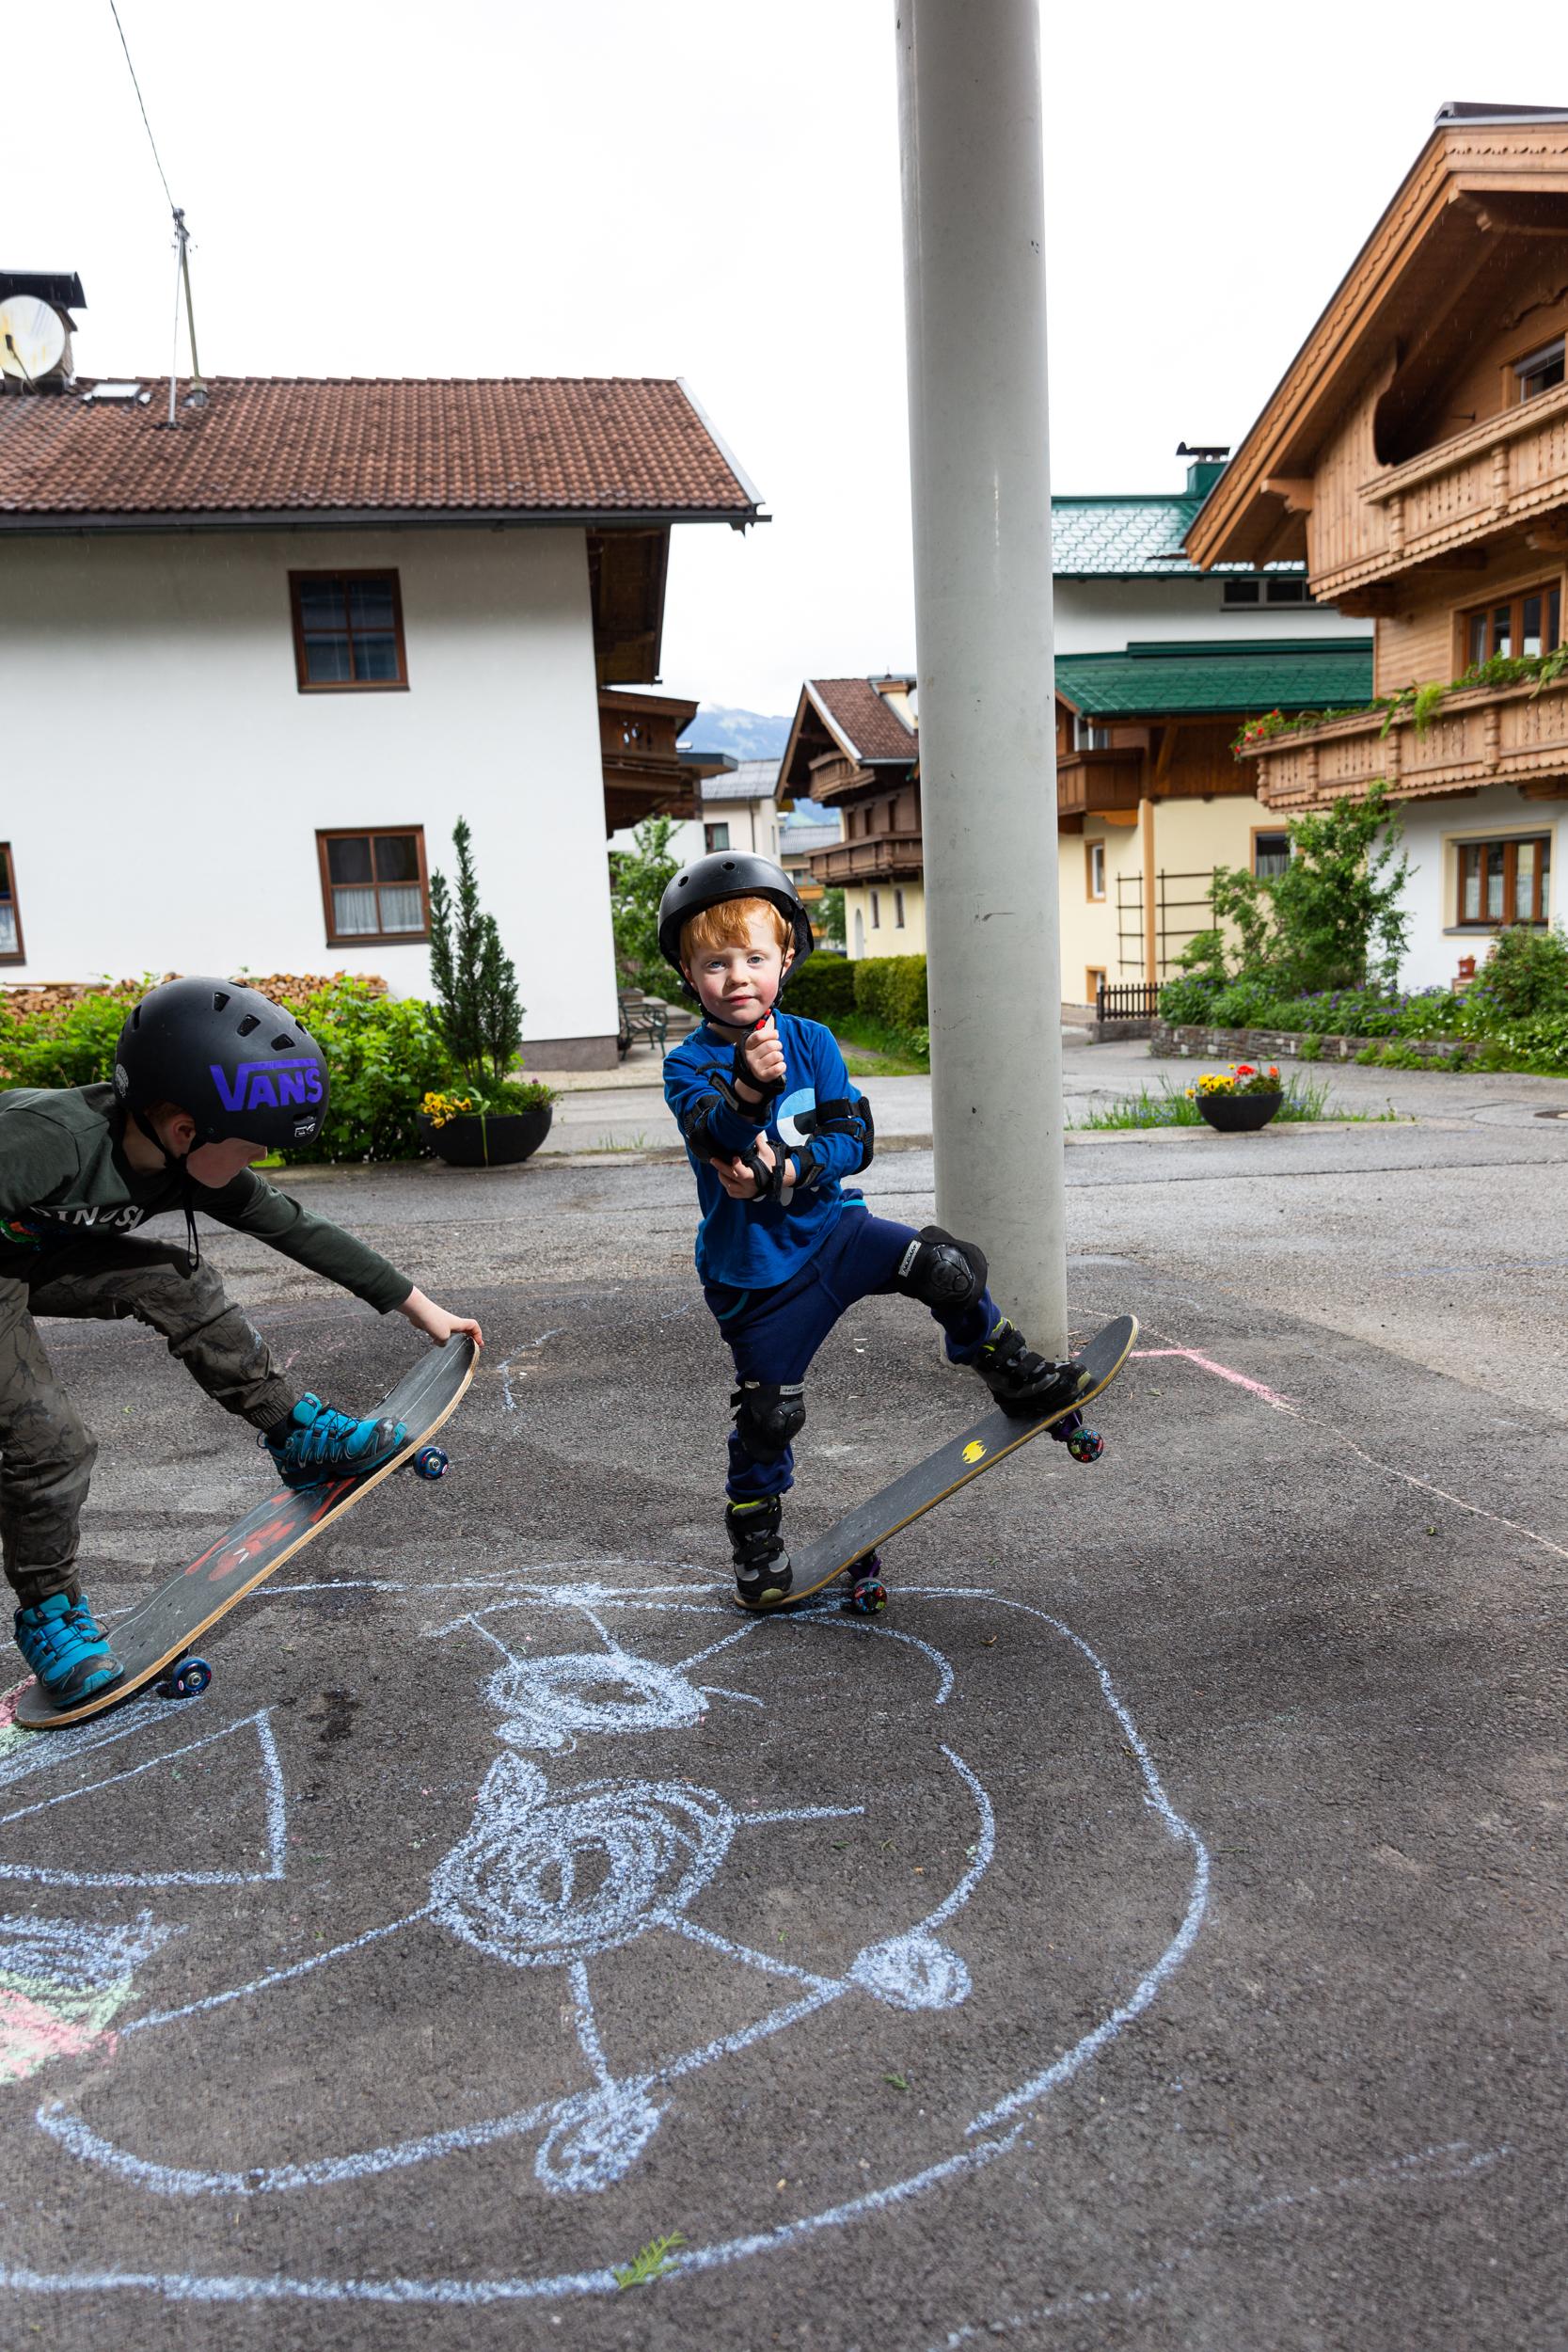 skate practice 19_04.jpg